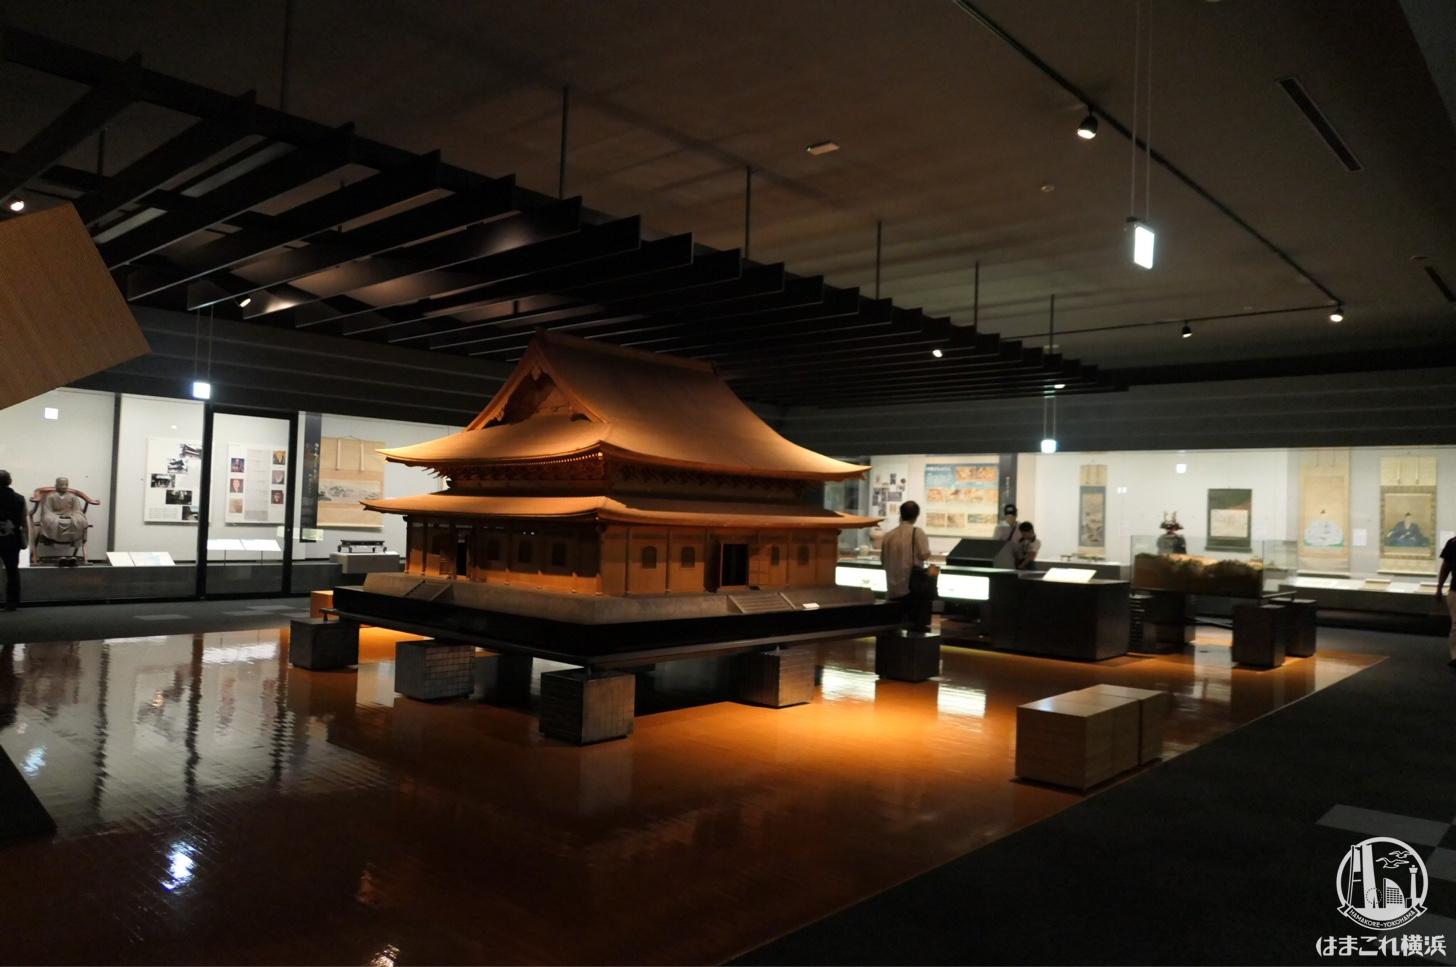 神奈川県立歴史博物館は旧石器時代から現代まで一連の流れで濃厚に知れるスポットだった!